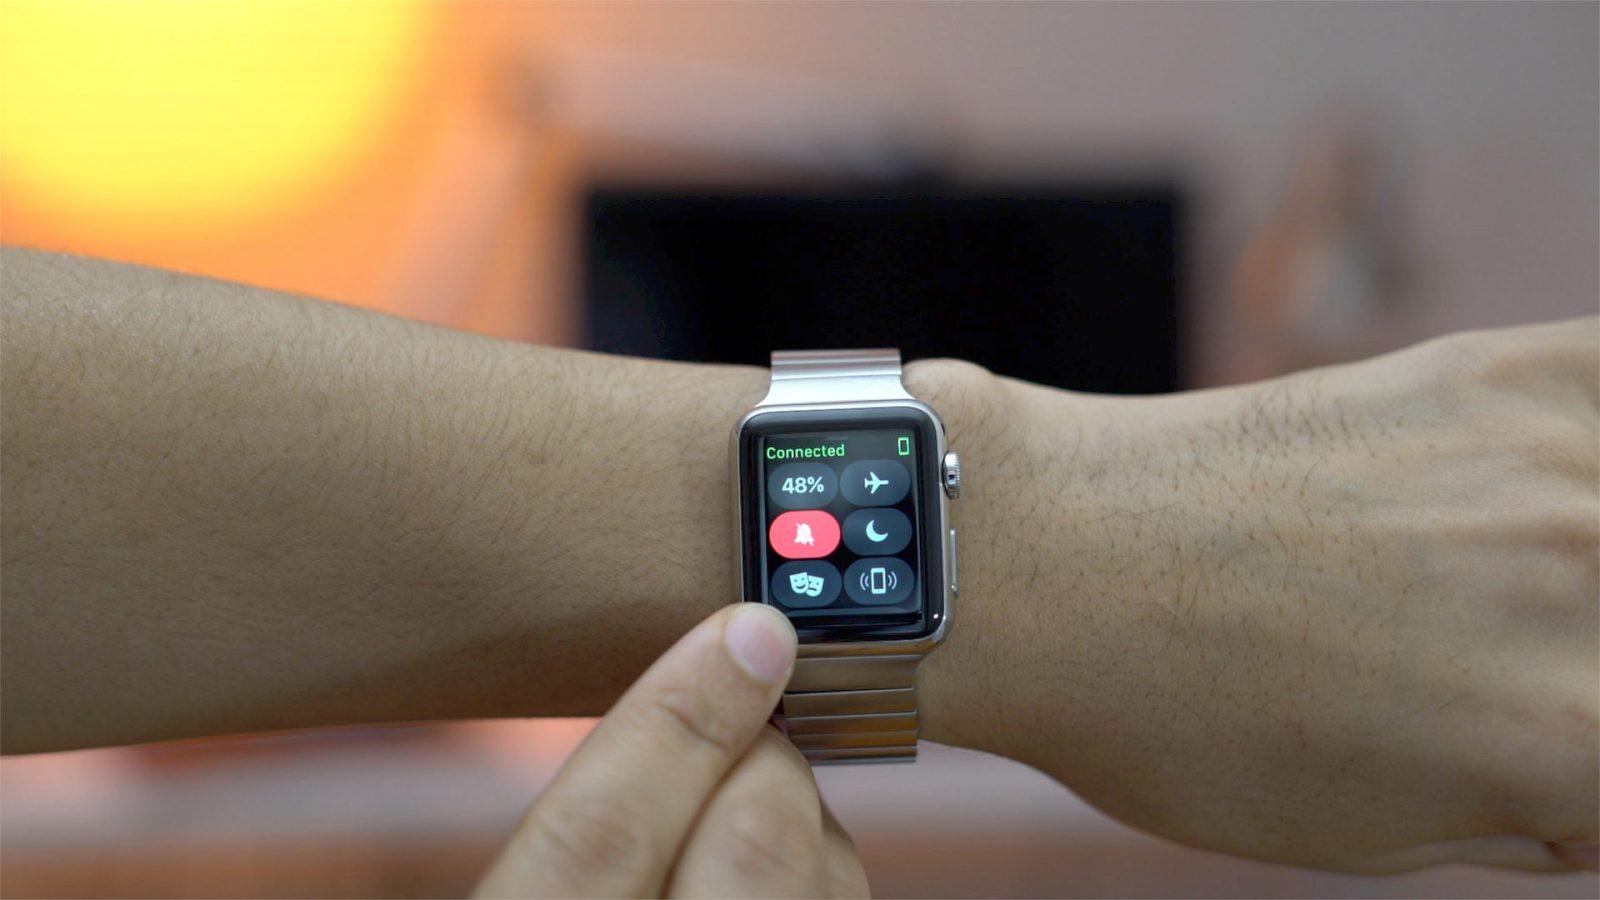 Speed Watchos Update Process - 9to5mac